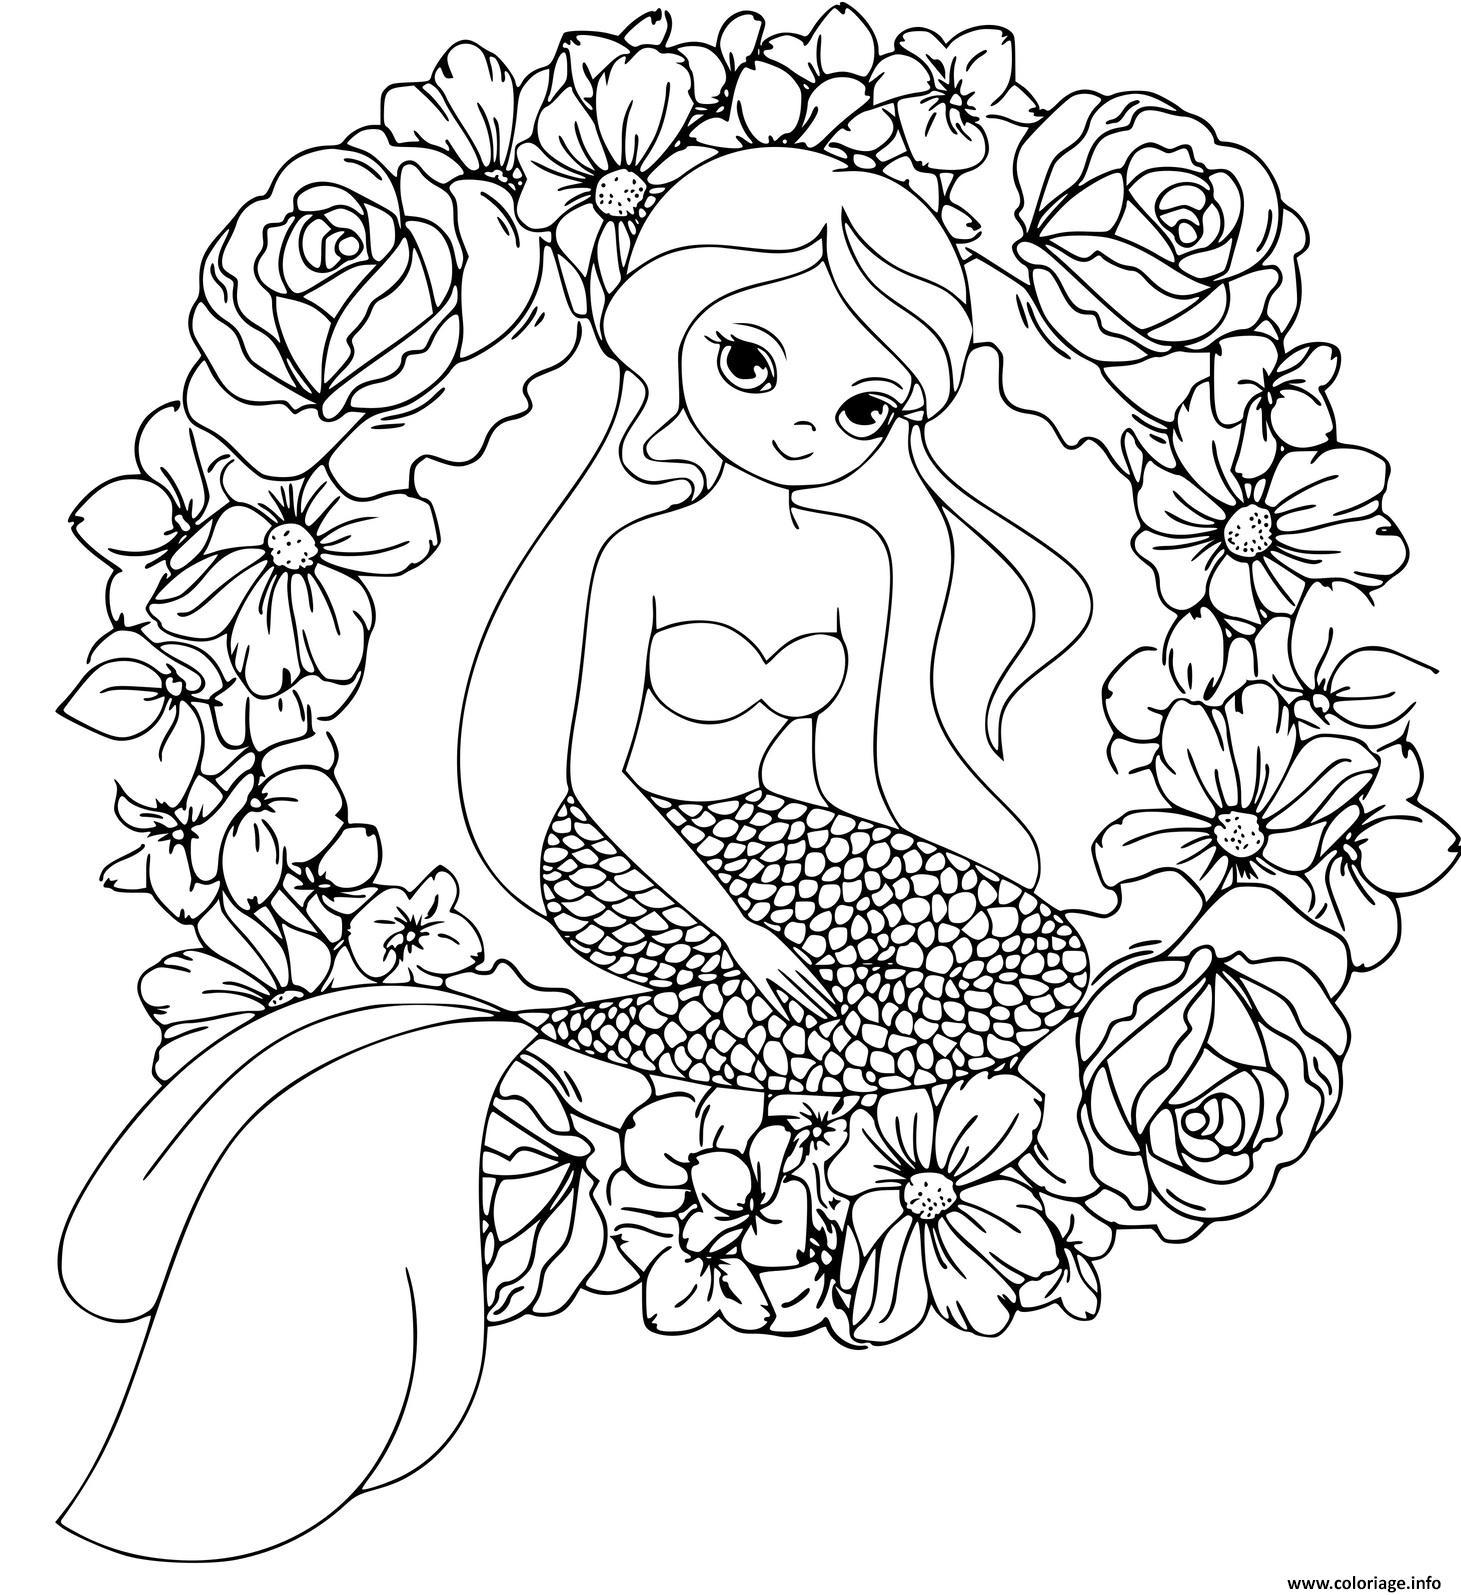 Dessin Mandala de sirenes et de fleurs de couronnes Coloriage Gratuit à Imprimer